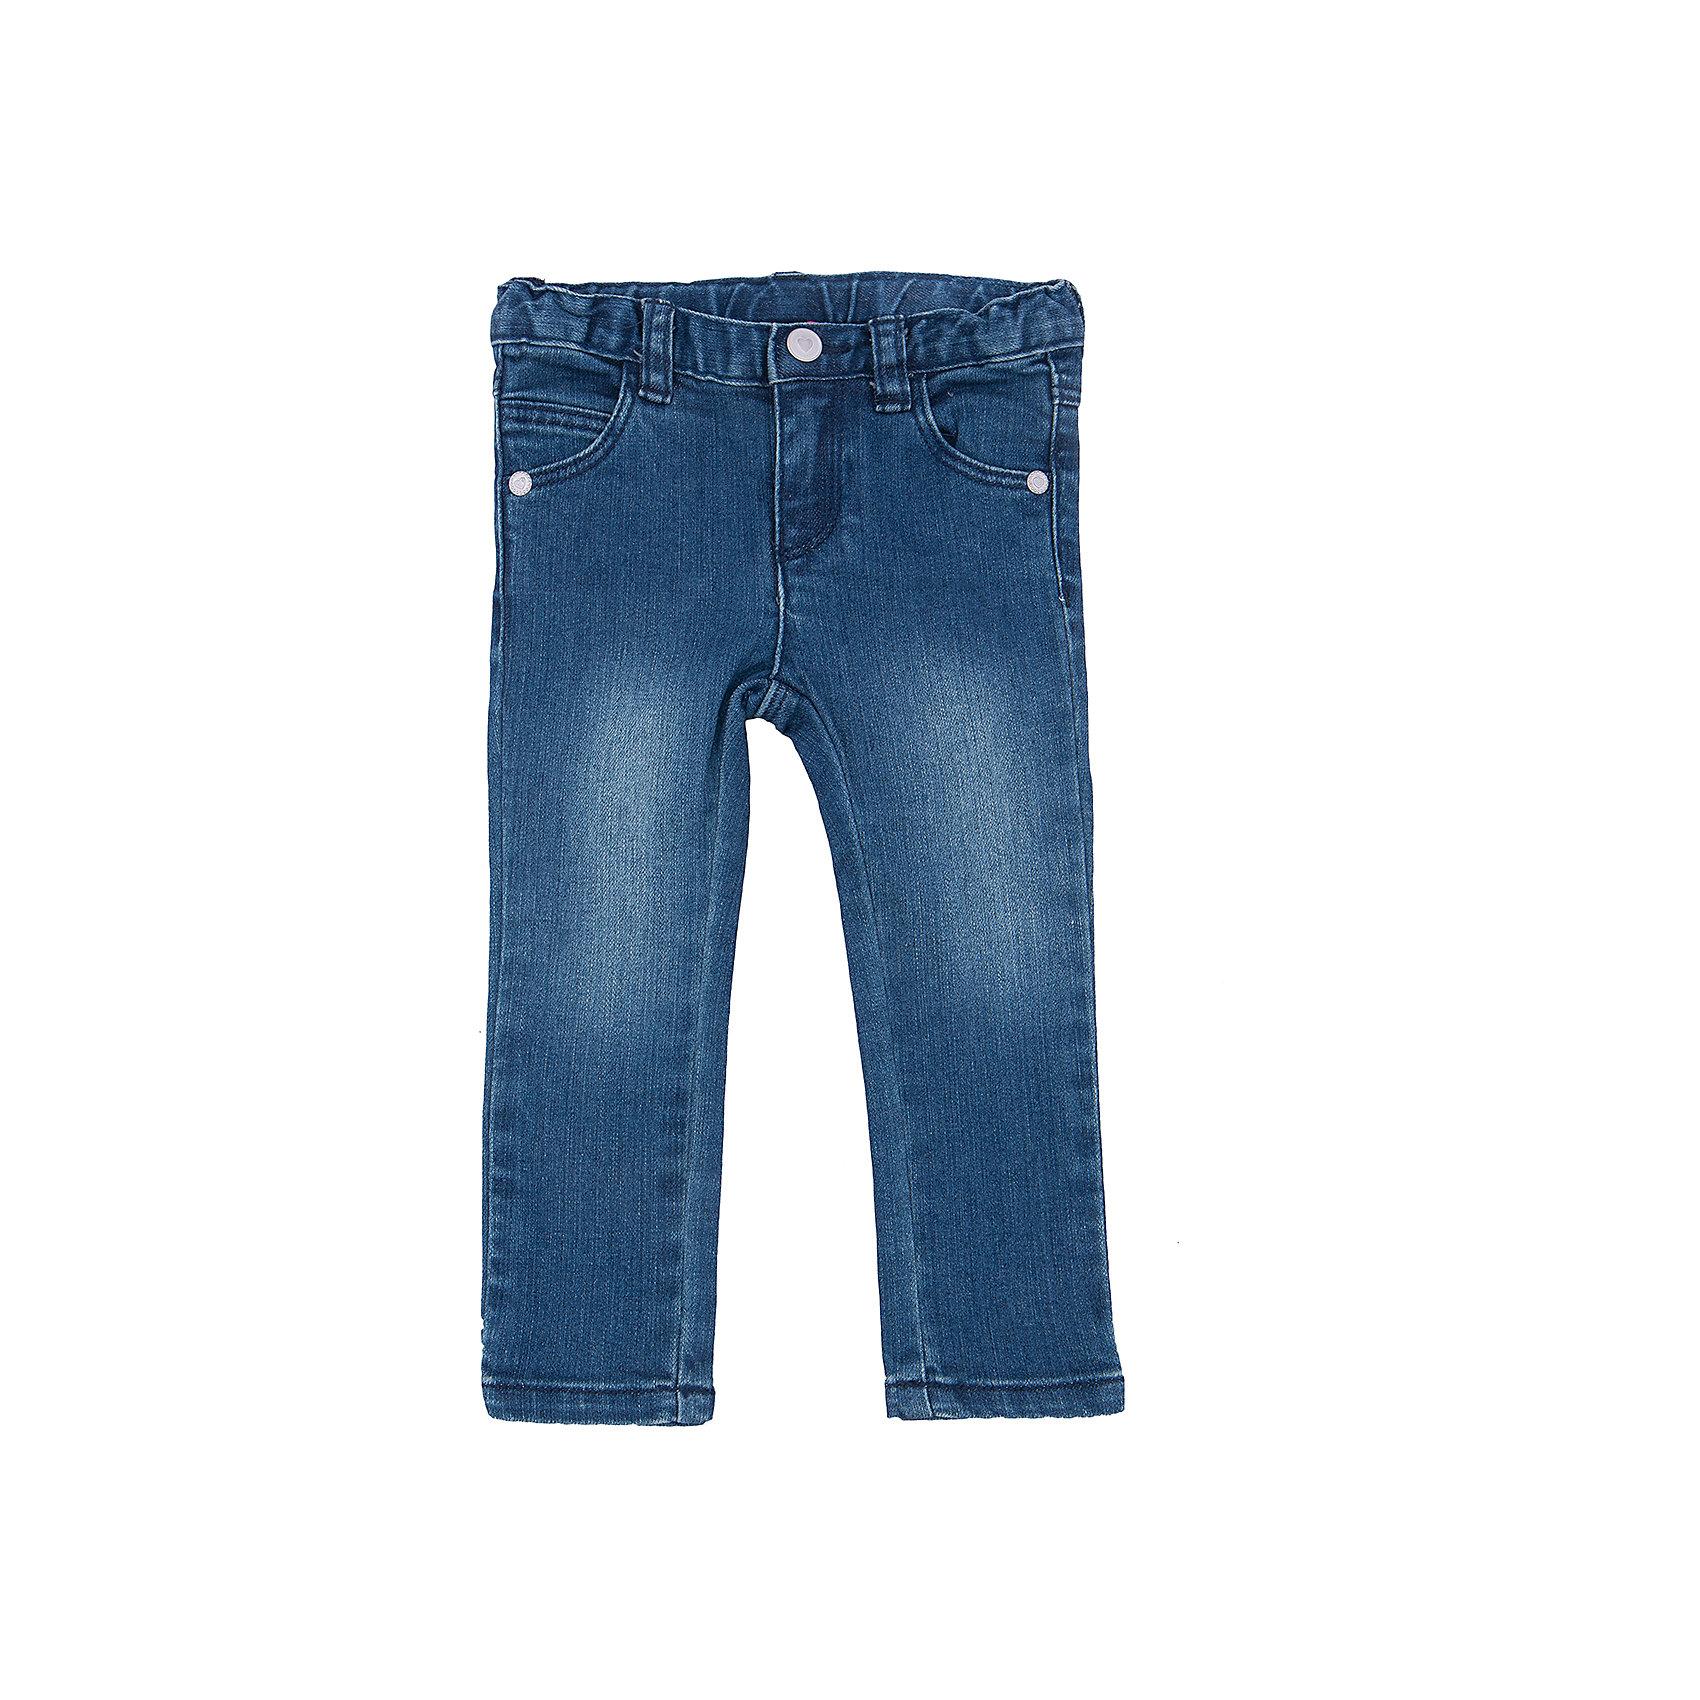 Джинсы CHICCO для девочкиДжинсовая одежда<br>Джинсы CHICCO для девочки<br><br>Характеристики:<br><br>Фактура материала: джинсовый трикотаж<br>Особенности брюк: зауженные<br>Тип брюк: обхват талии регулируется, есть пуговица и молния, есть шлевки - петельки для ремня<br>Тип карманов: карманы впереди и сзади<br>Вид отделки: фабричная потертость<br><br>Состав: 98% хлопок, 2% эластан<br><br>Брюки CHICCO для девочки можно купить в нашем интернет-магазине.<br><br>Ширина мм: 215<br>Глубина мм: 88<br>Высота мм: 191<br>Вес г: 336<br>Цвет: синий<br>Возраст от месяцев: 84<br>Возраст до месяцев: 96<br>Пол: Женский<br>Возраст: Детский<br>Размер: 128,74,80,86,92,98,104,110,116,122<br>SKU: 5082661